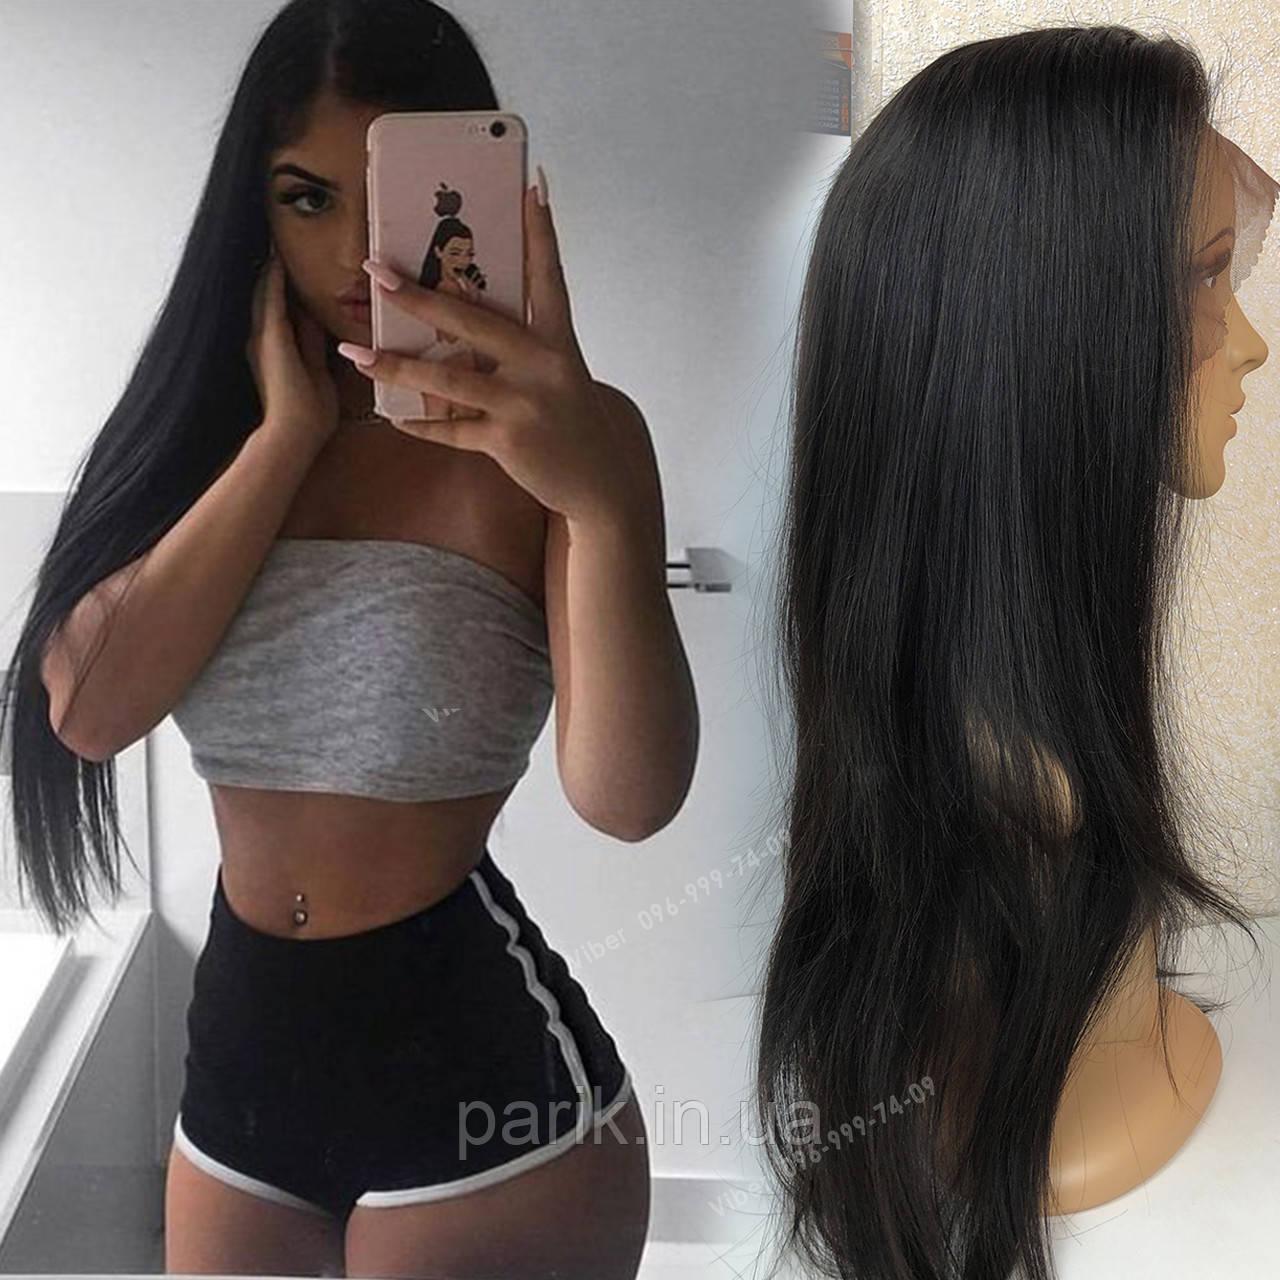 💎Натуральный парик 66 см., на сетке с имитацией кожи головы 💎